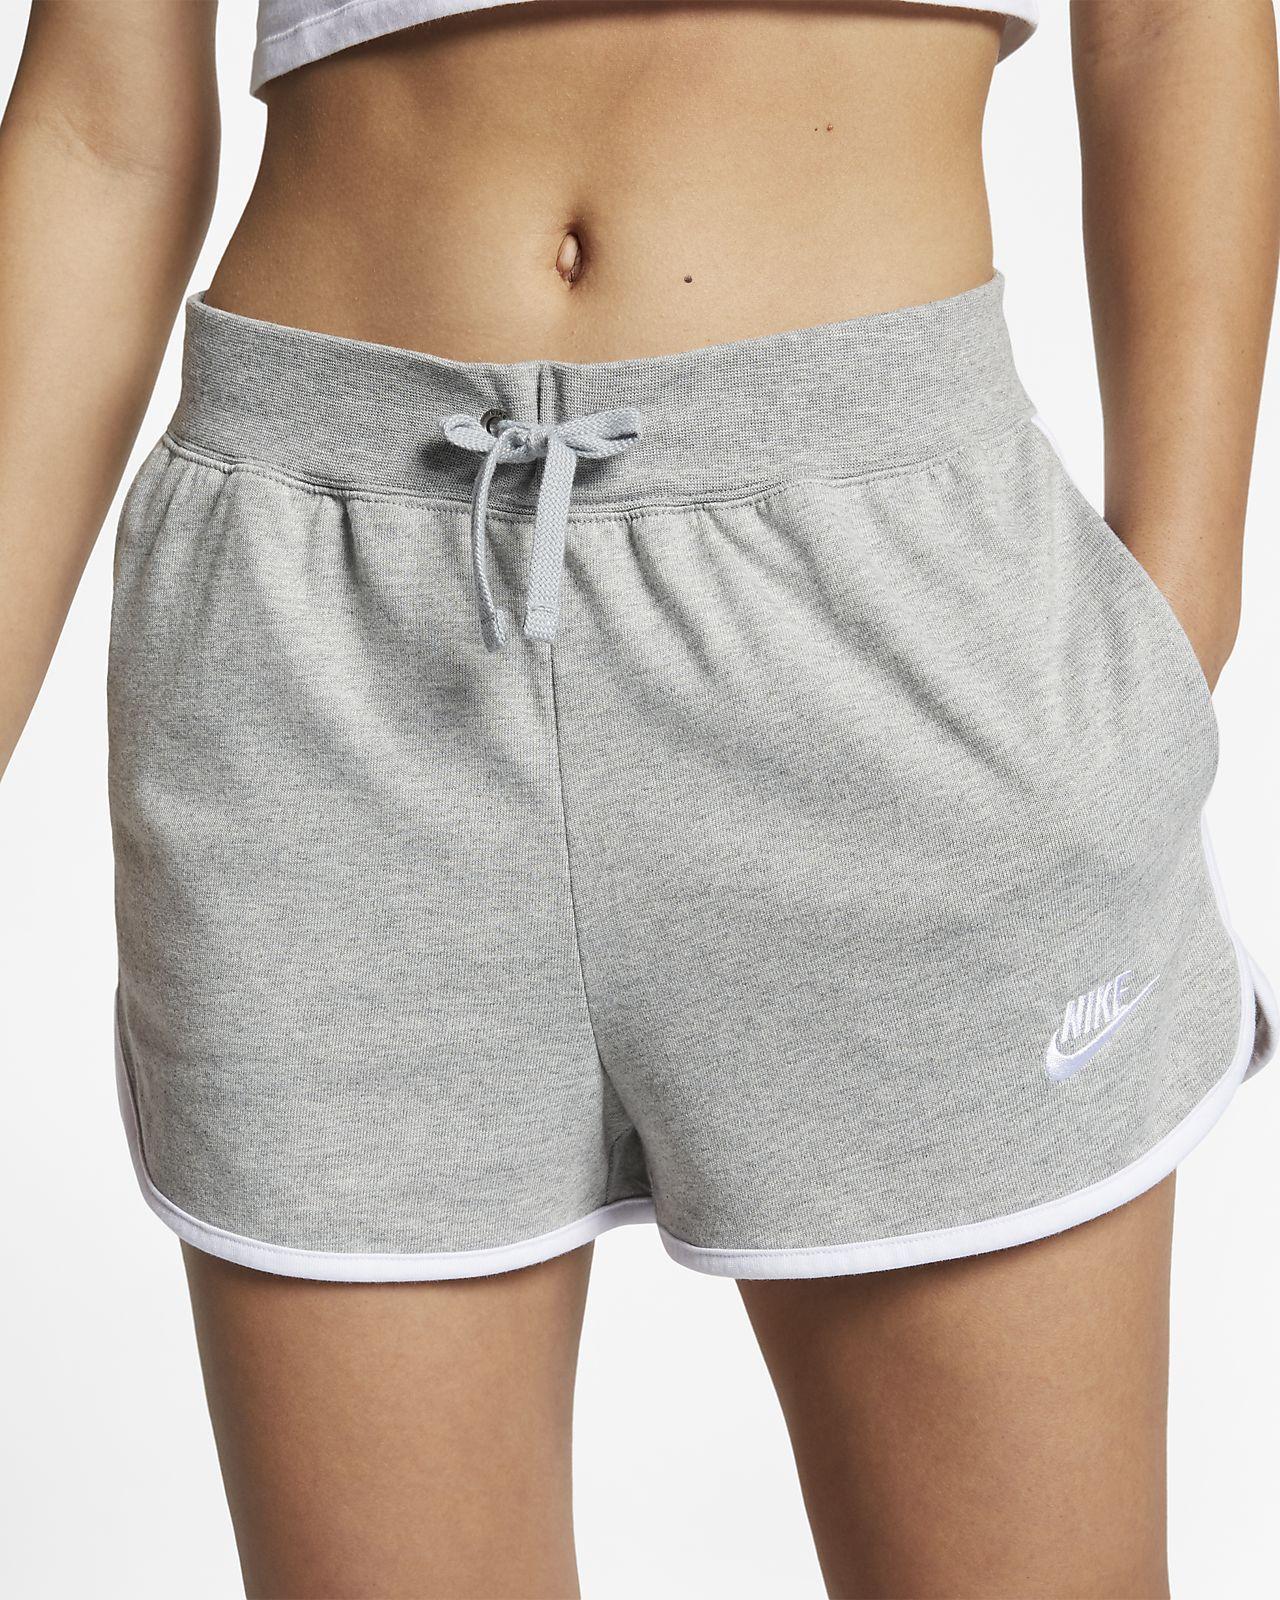 Sportswear Women's Jersey Shorts | Jersey shorts, Sportswear ...